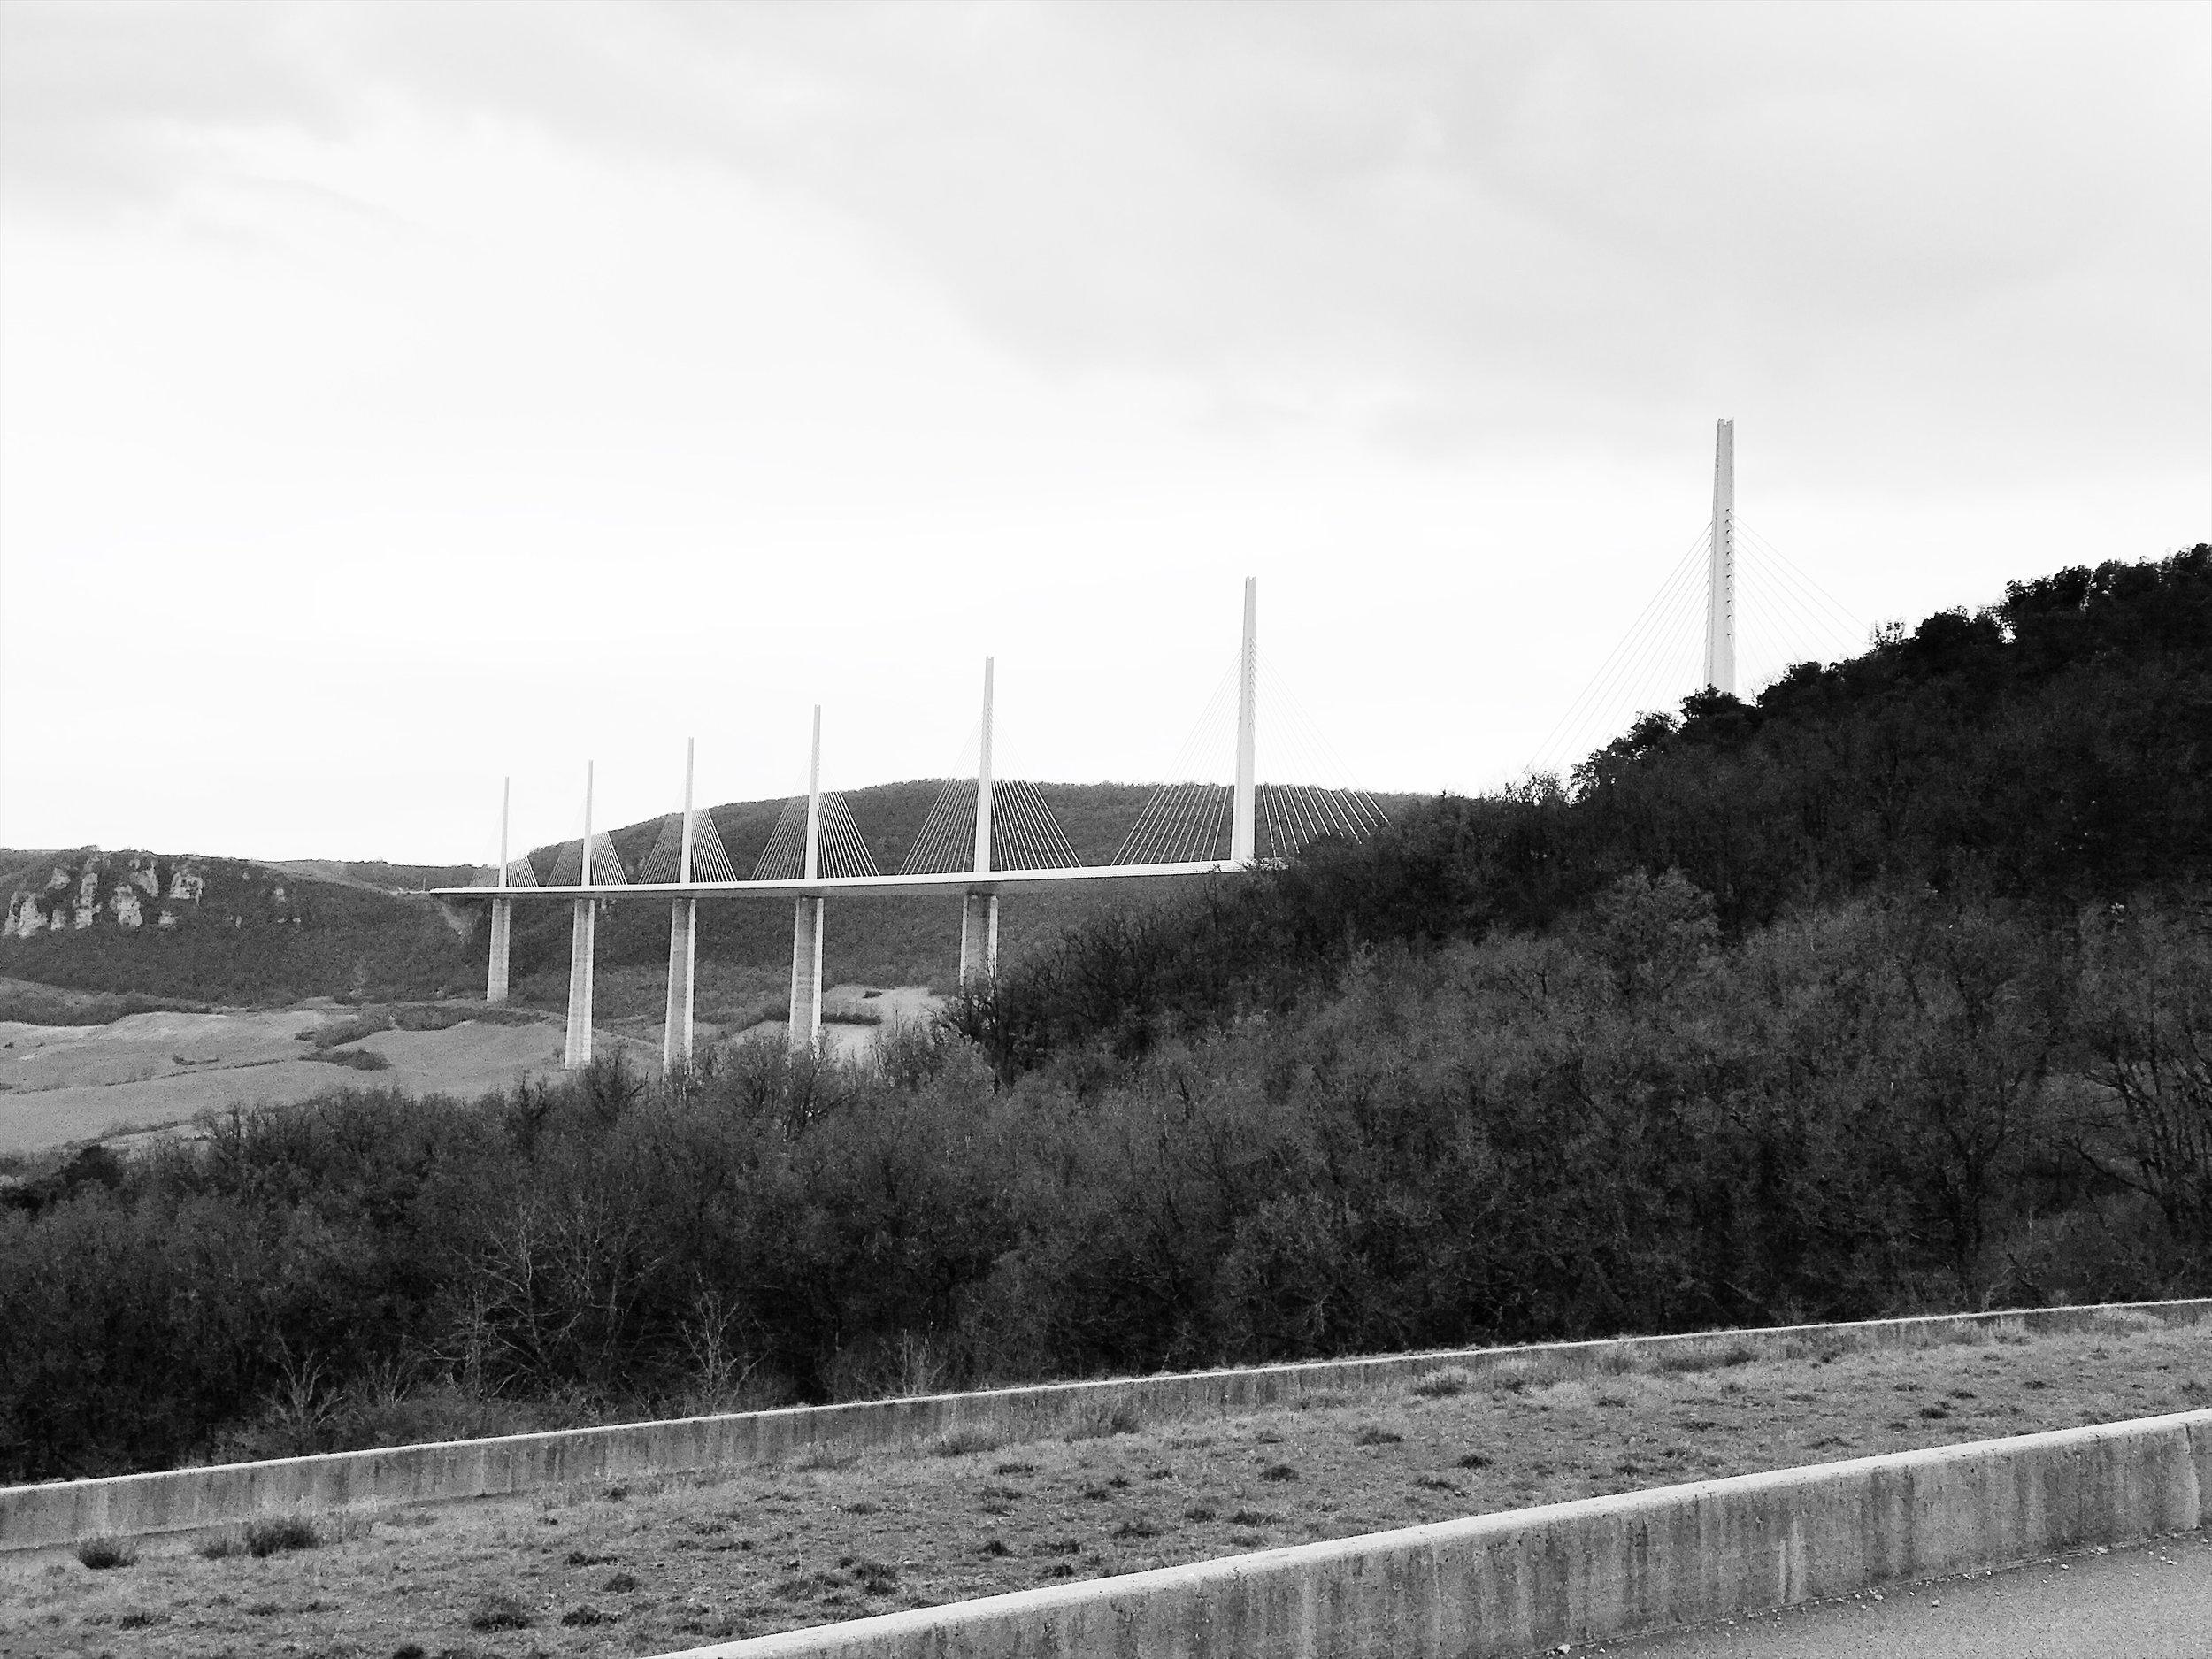 Millau Viaduct, France. March 2018